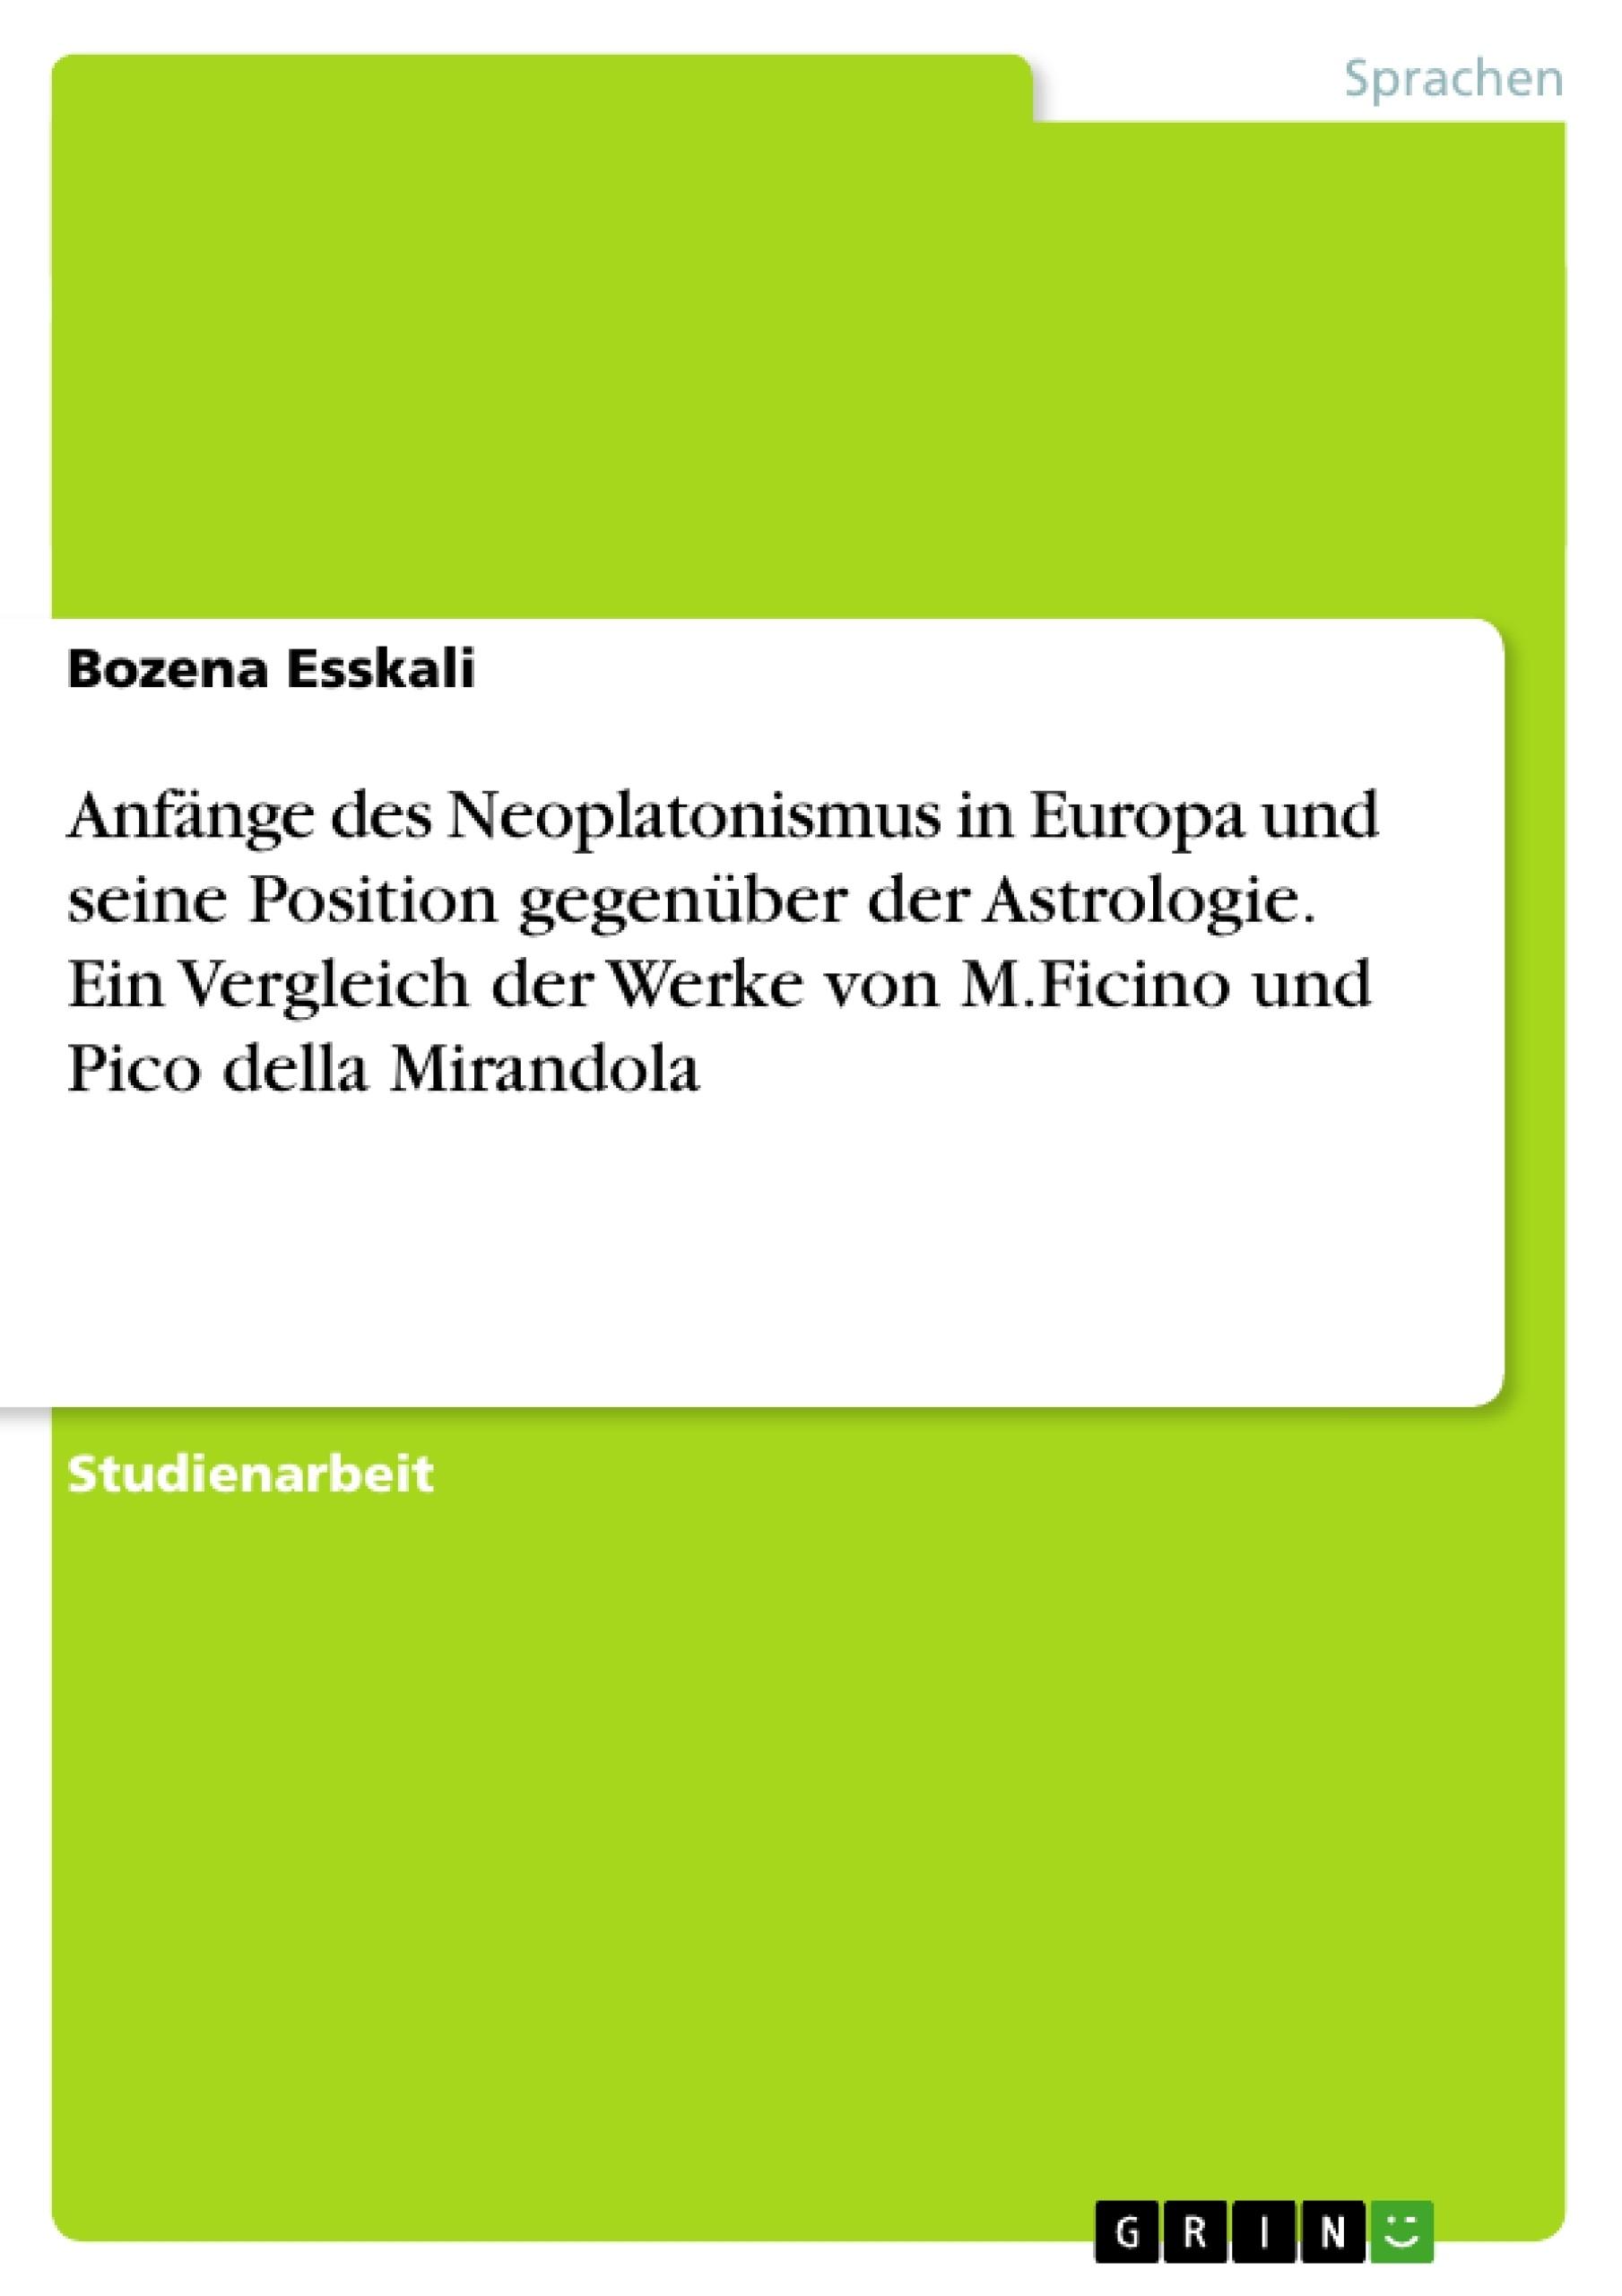 Titel: Anfänge des Neoplatonismus in Europa und seine Position gegenüber der Astrologie. Ein Vergleich der Werke von M.Ficino und Pico della Mirandola